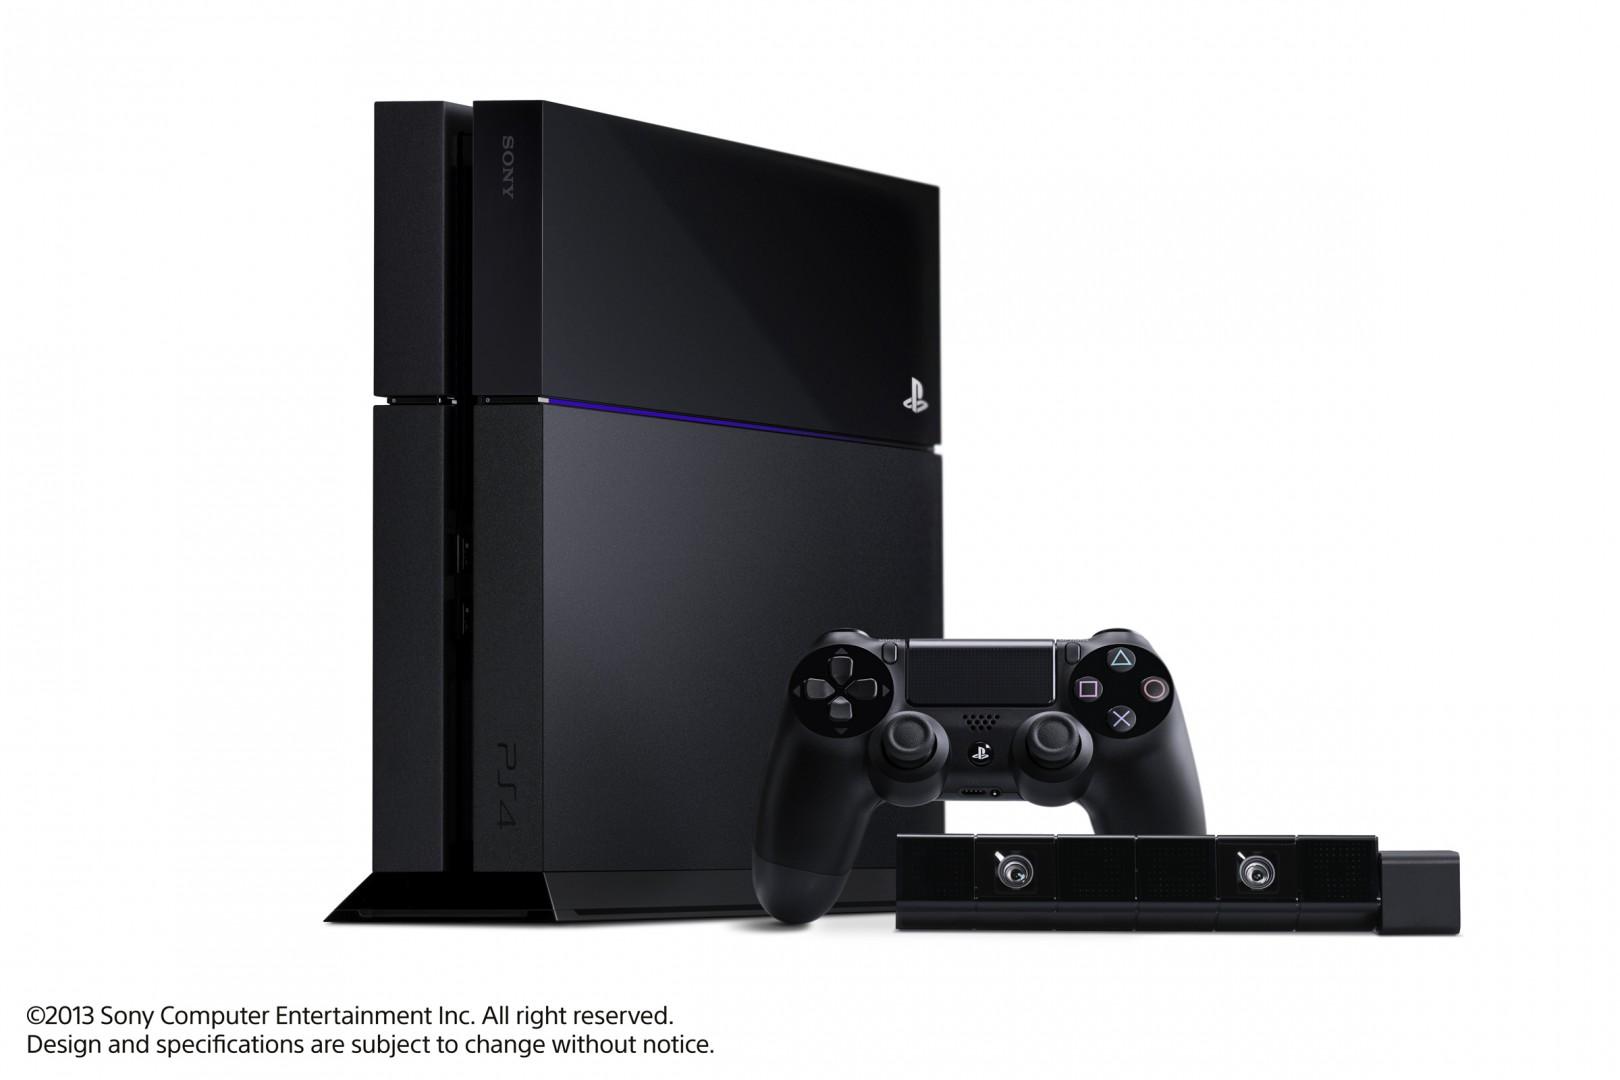 Sony-PlayStation-4-2013-Gamescom-WBI-2